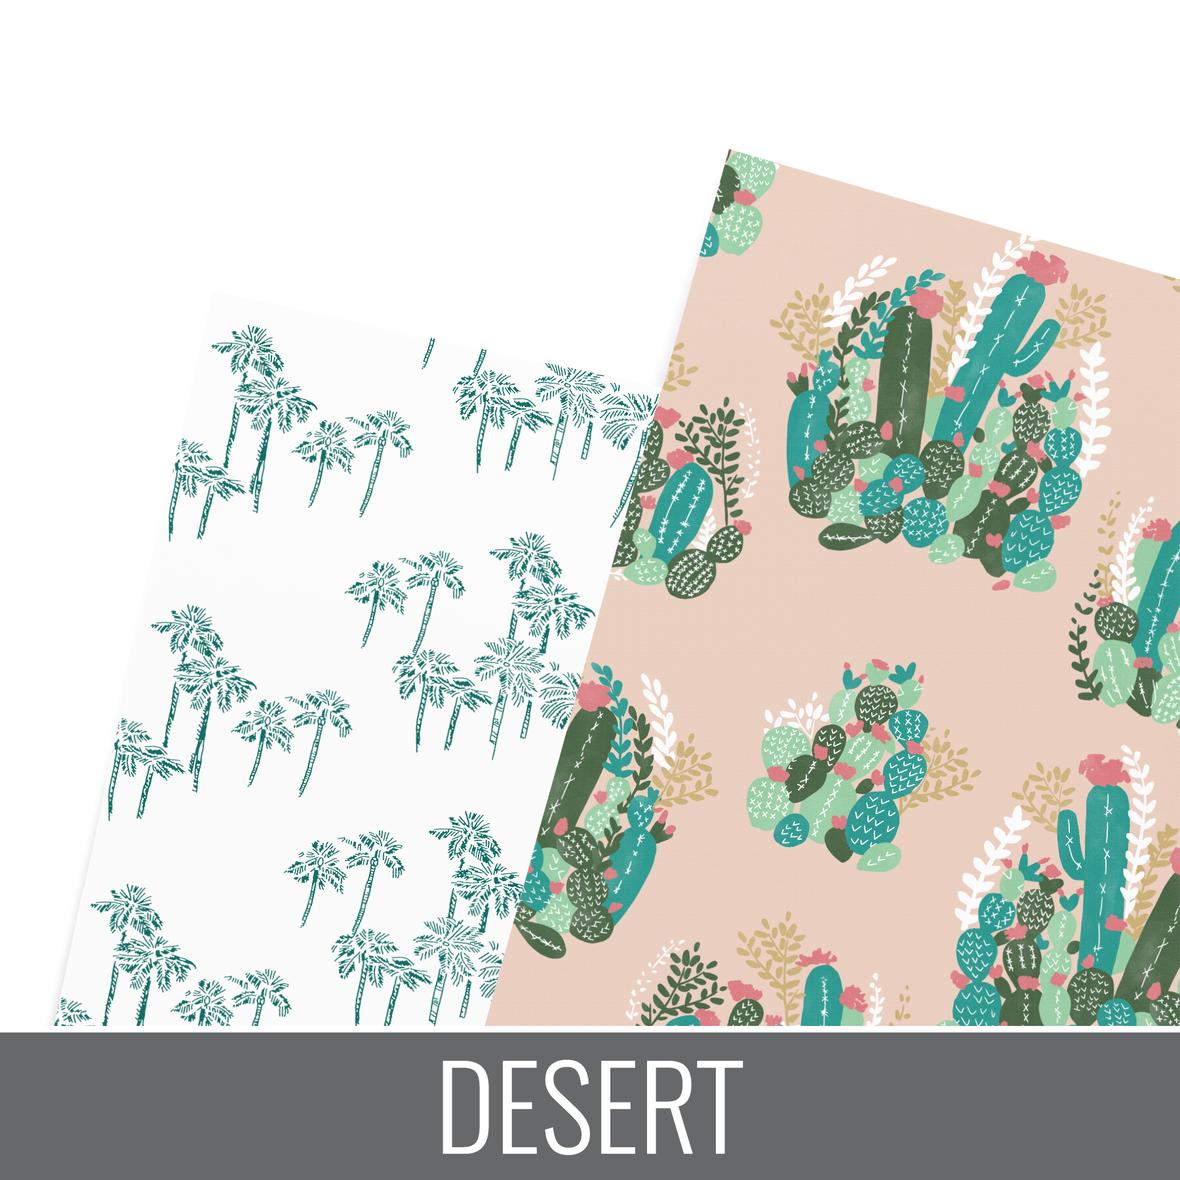 Desert Final